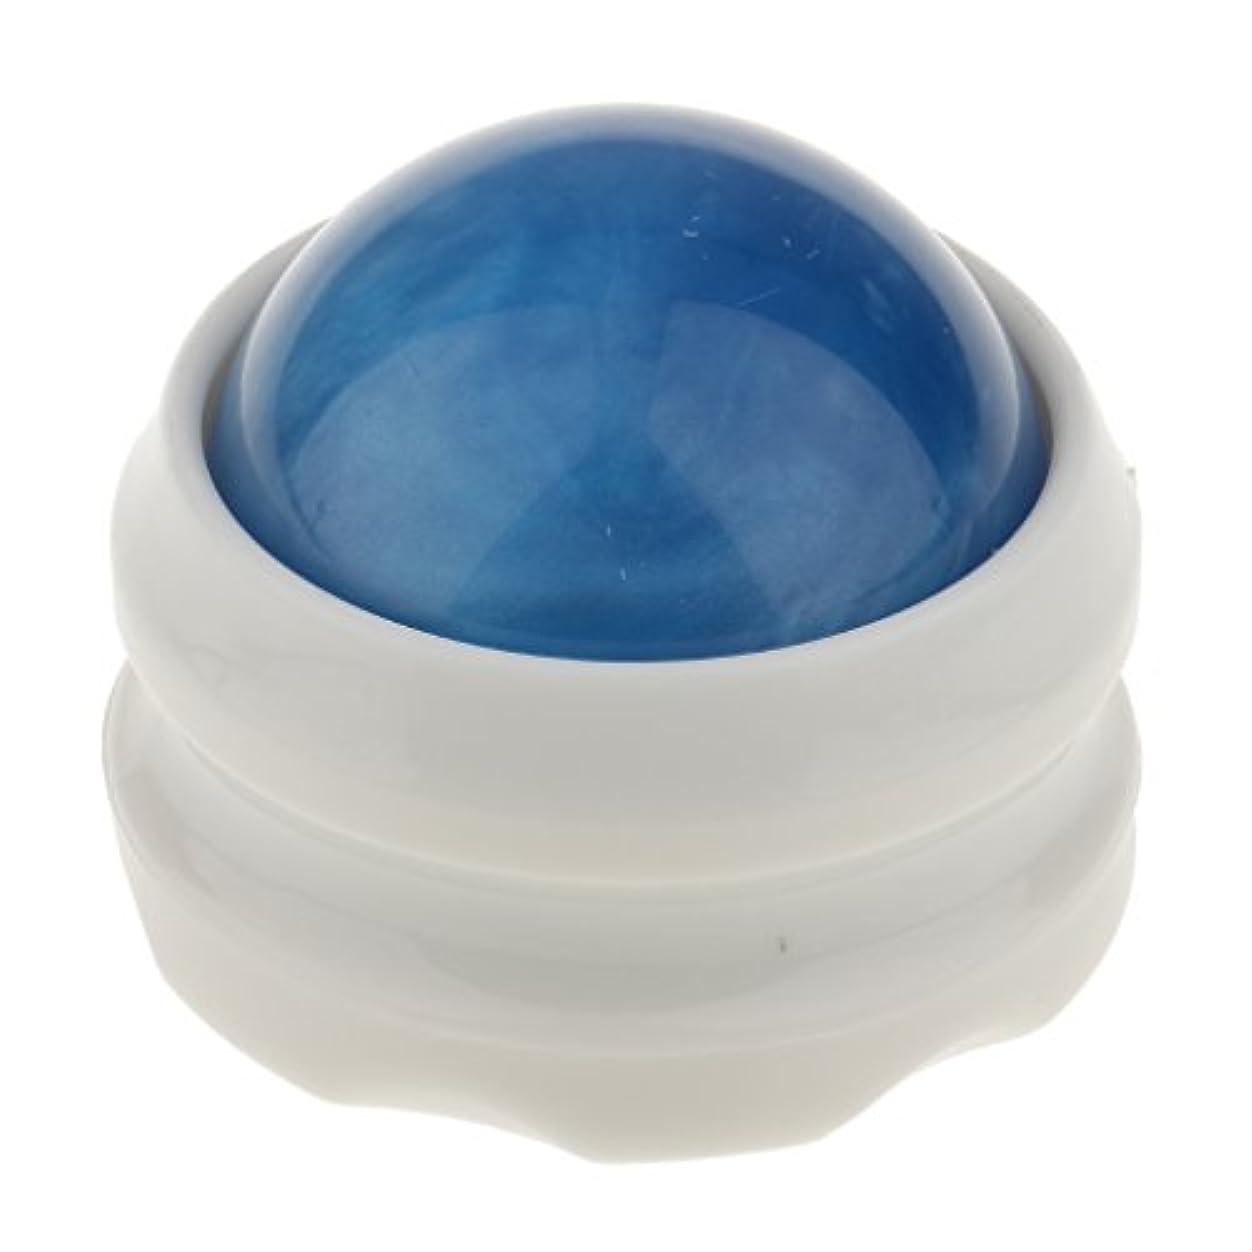 承認する植生導出homyl Professionalマッサージローラーボールマッサージボディ足首痛みリリーフ – ブルーグリーンパープル